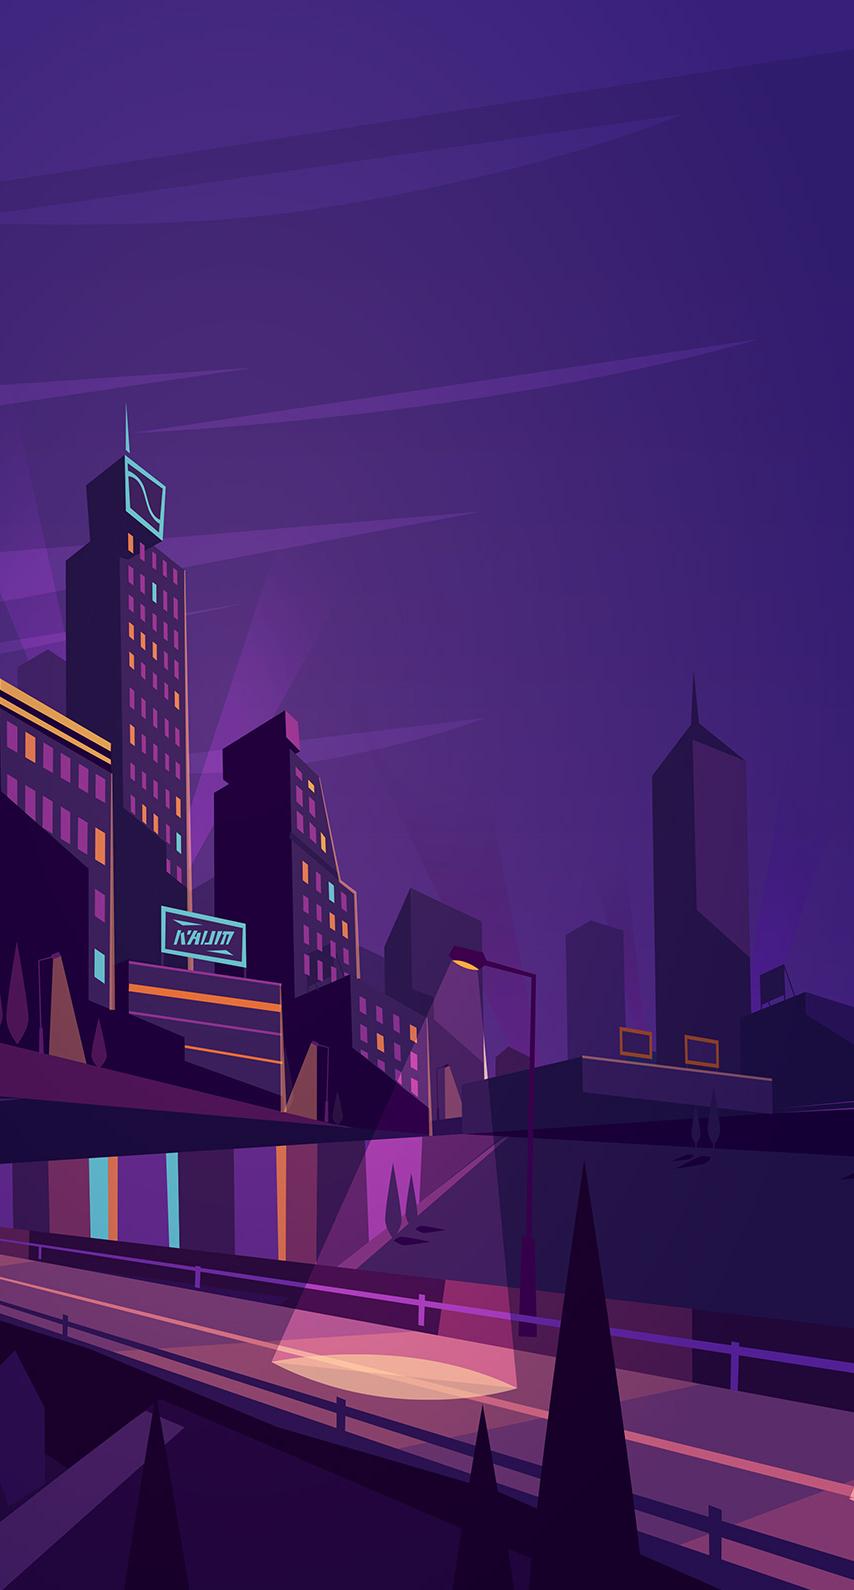 illuminated, downtown